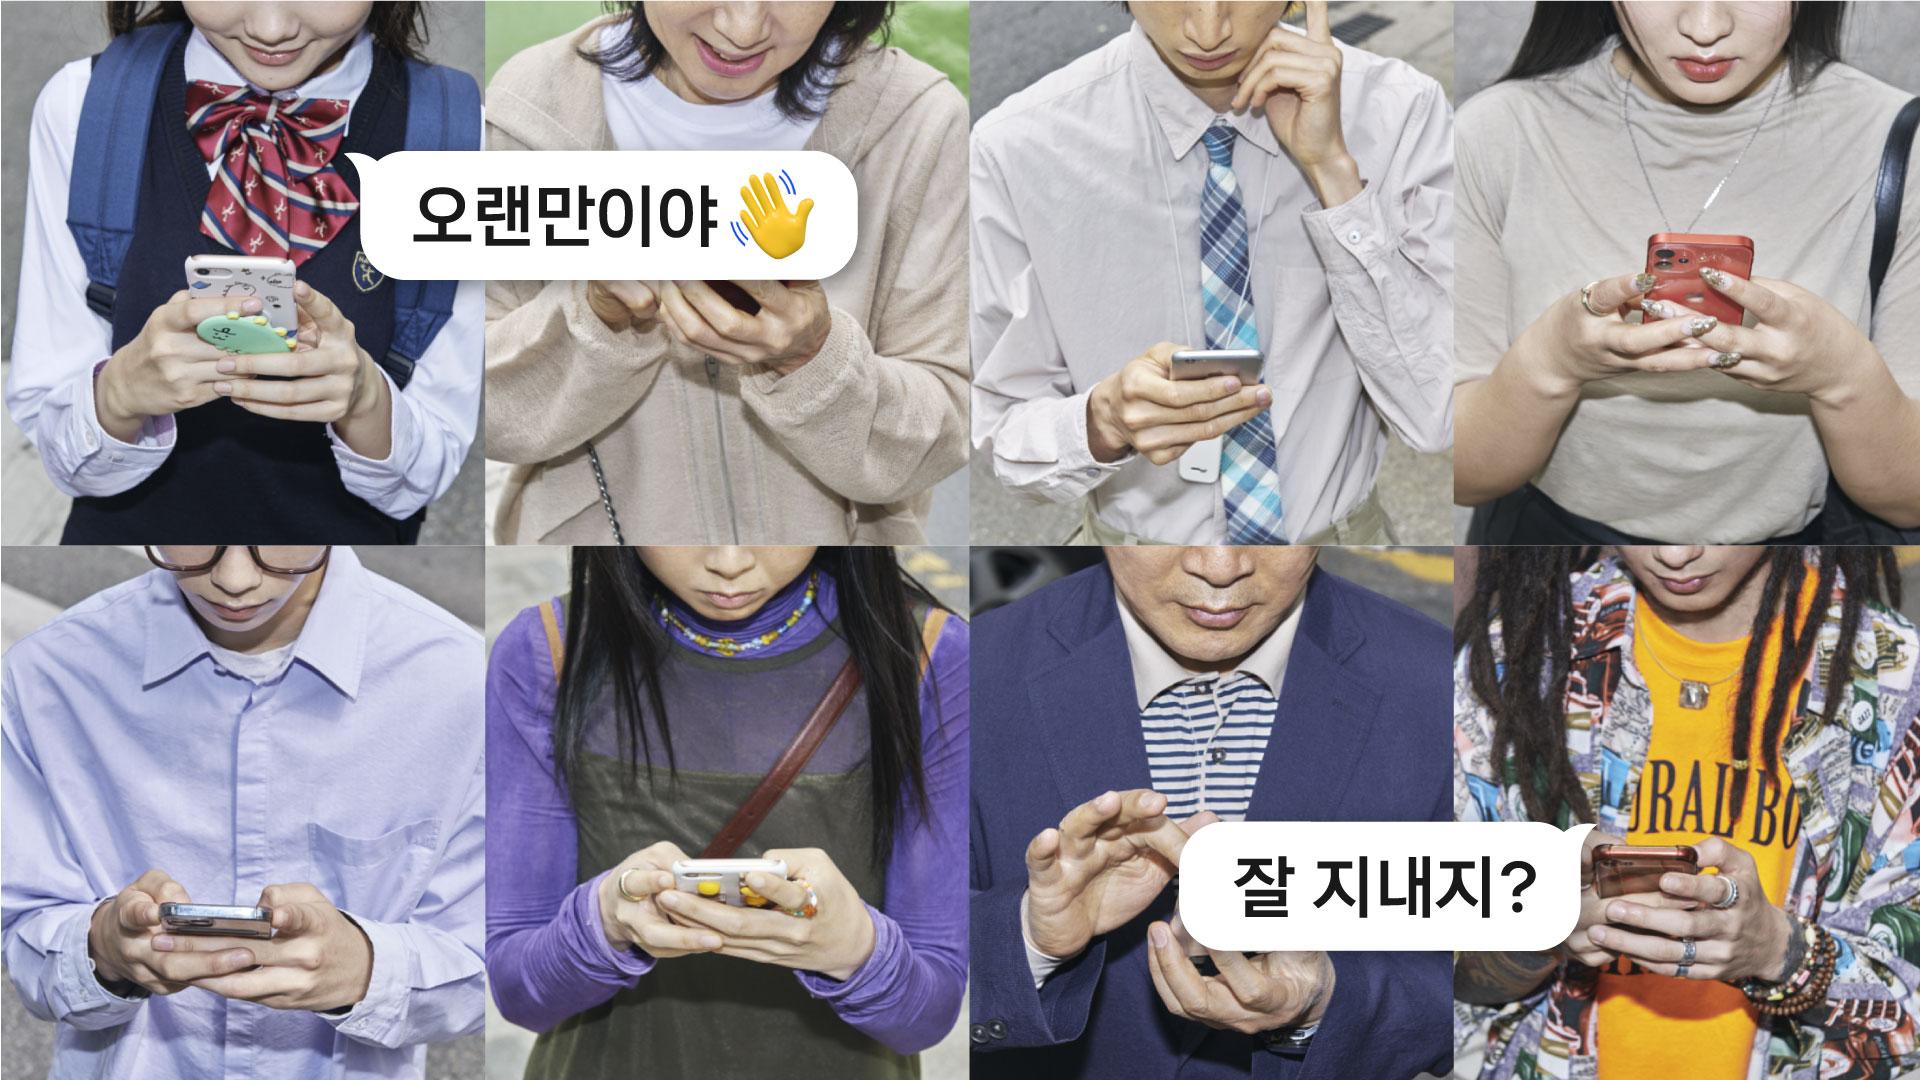 학생, 직장인, 다양한 연령의 사람들이 핸드폰으로 카카오톡을 하고 있는 사진과 말풍선 일러스트